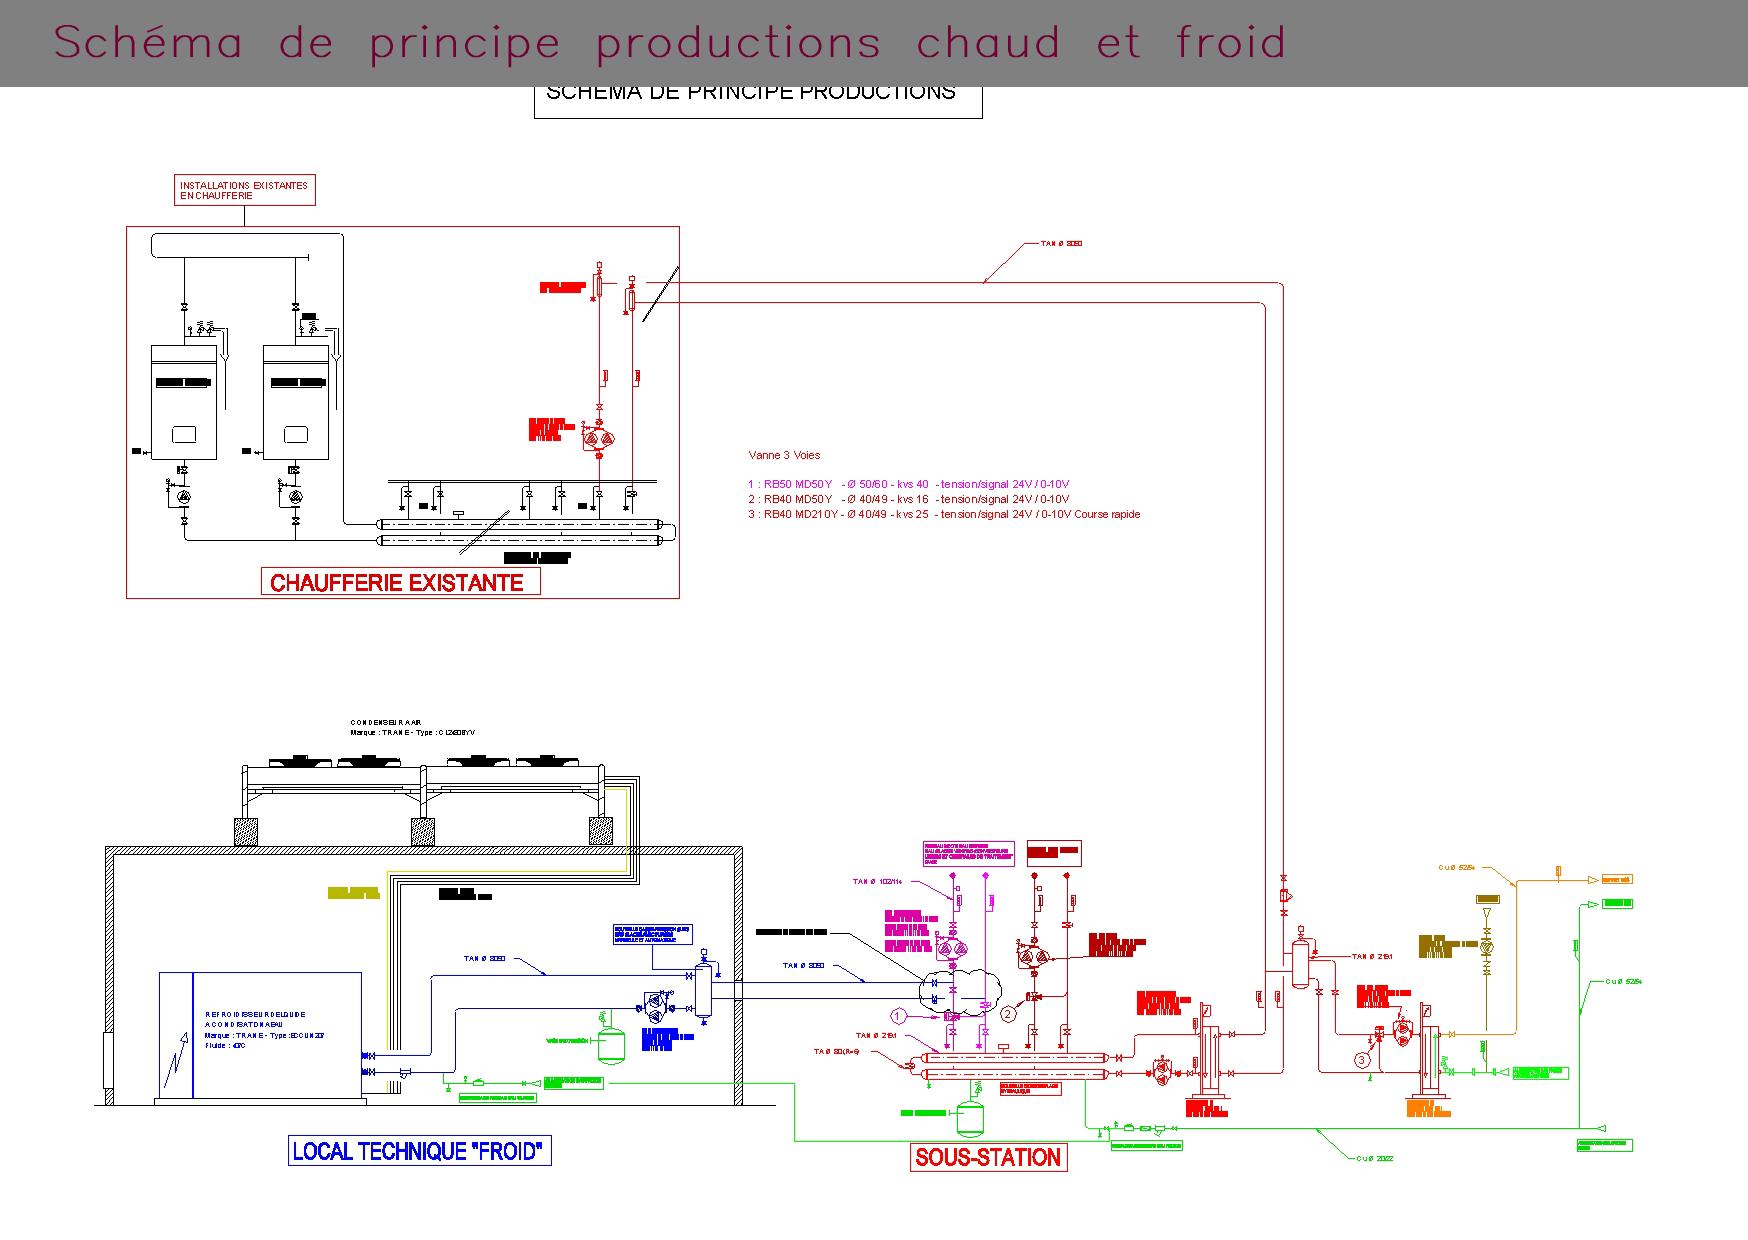 Schéma de principe productions chaud et froid